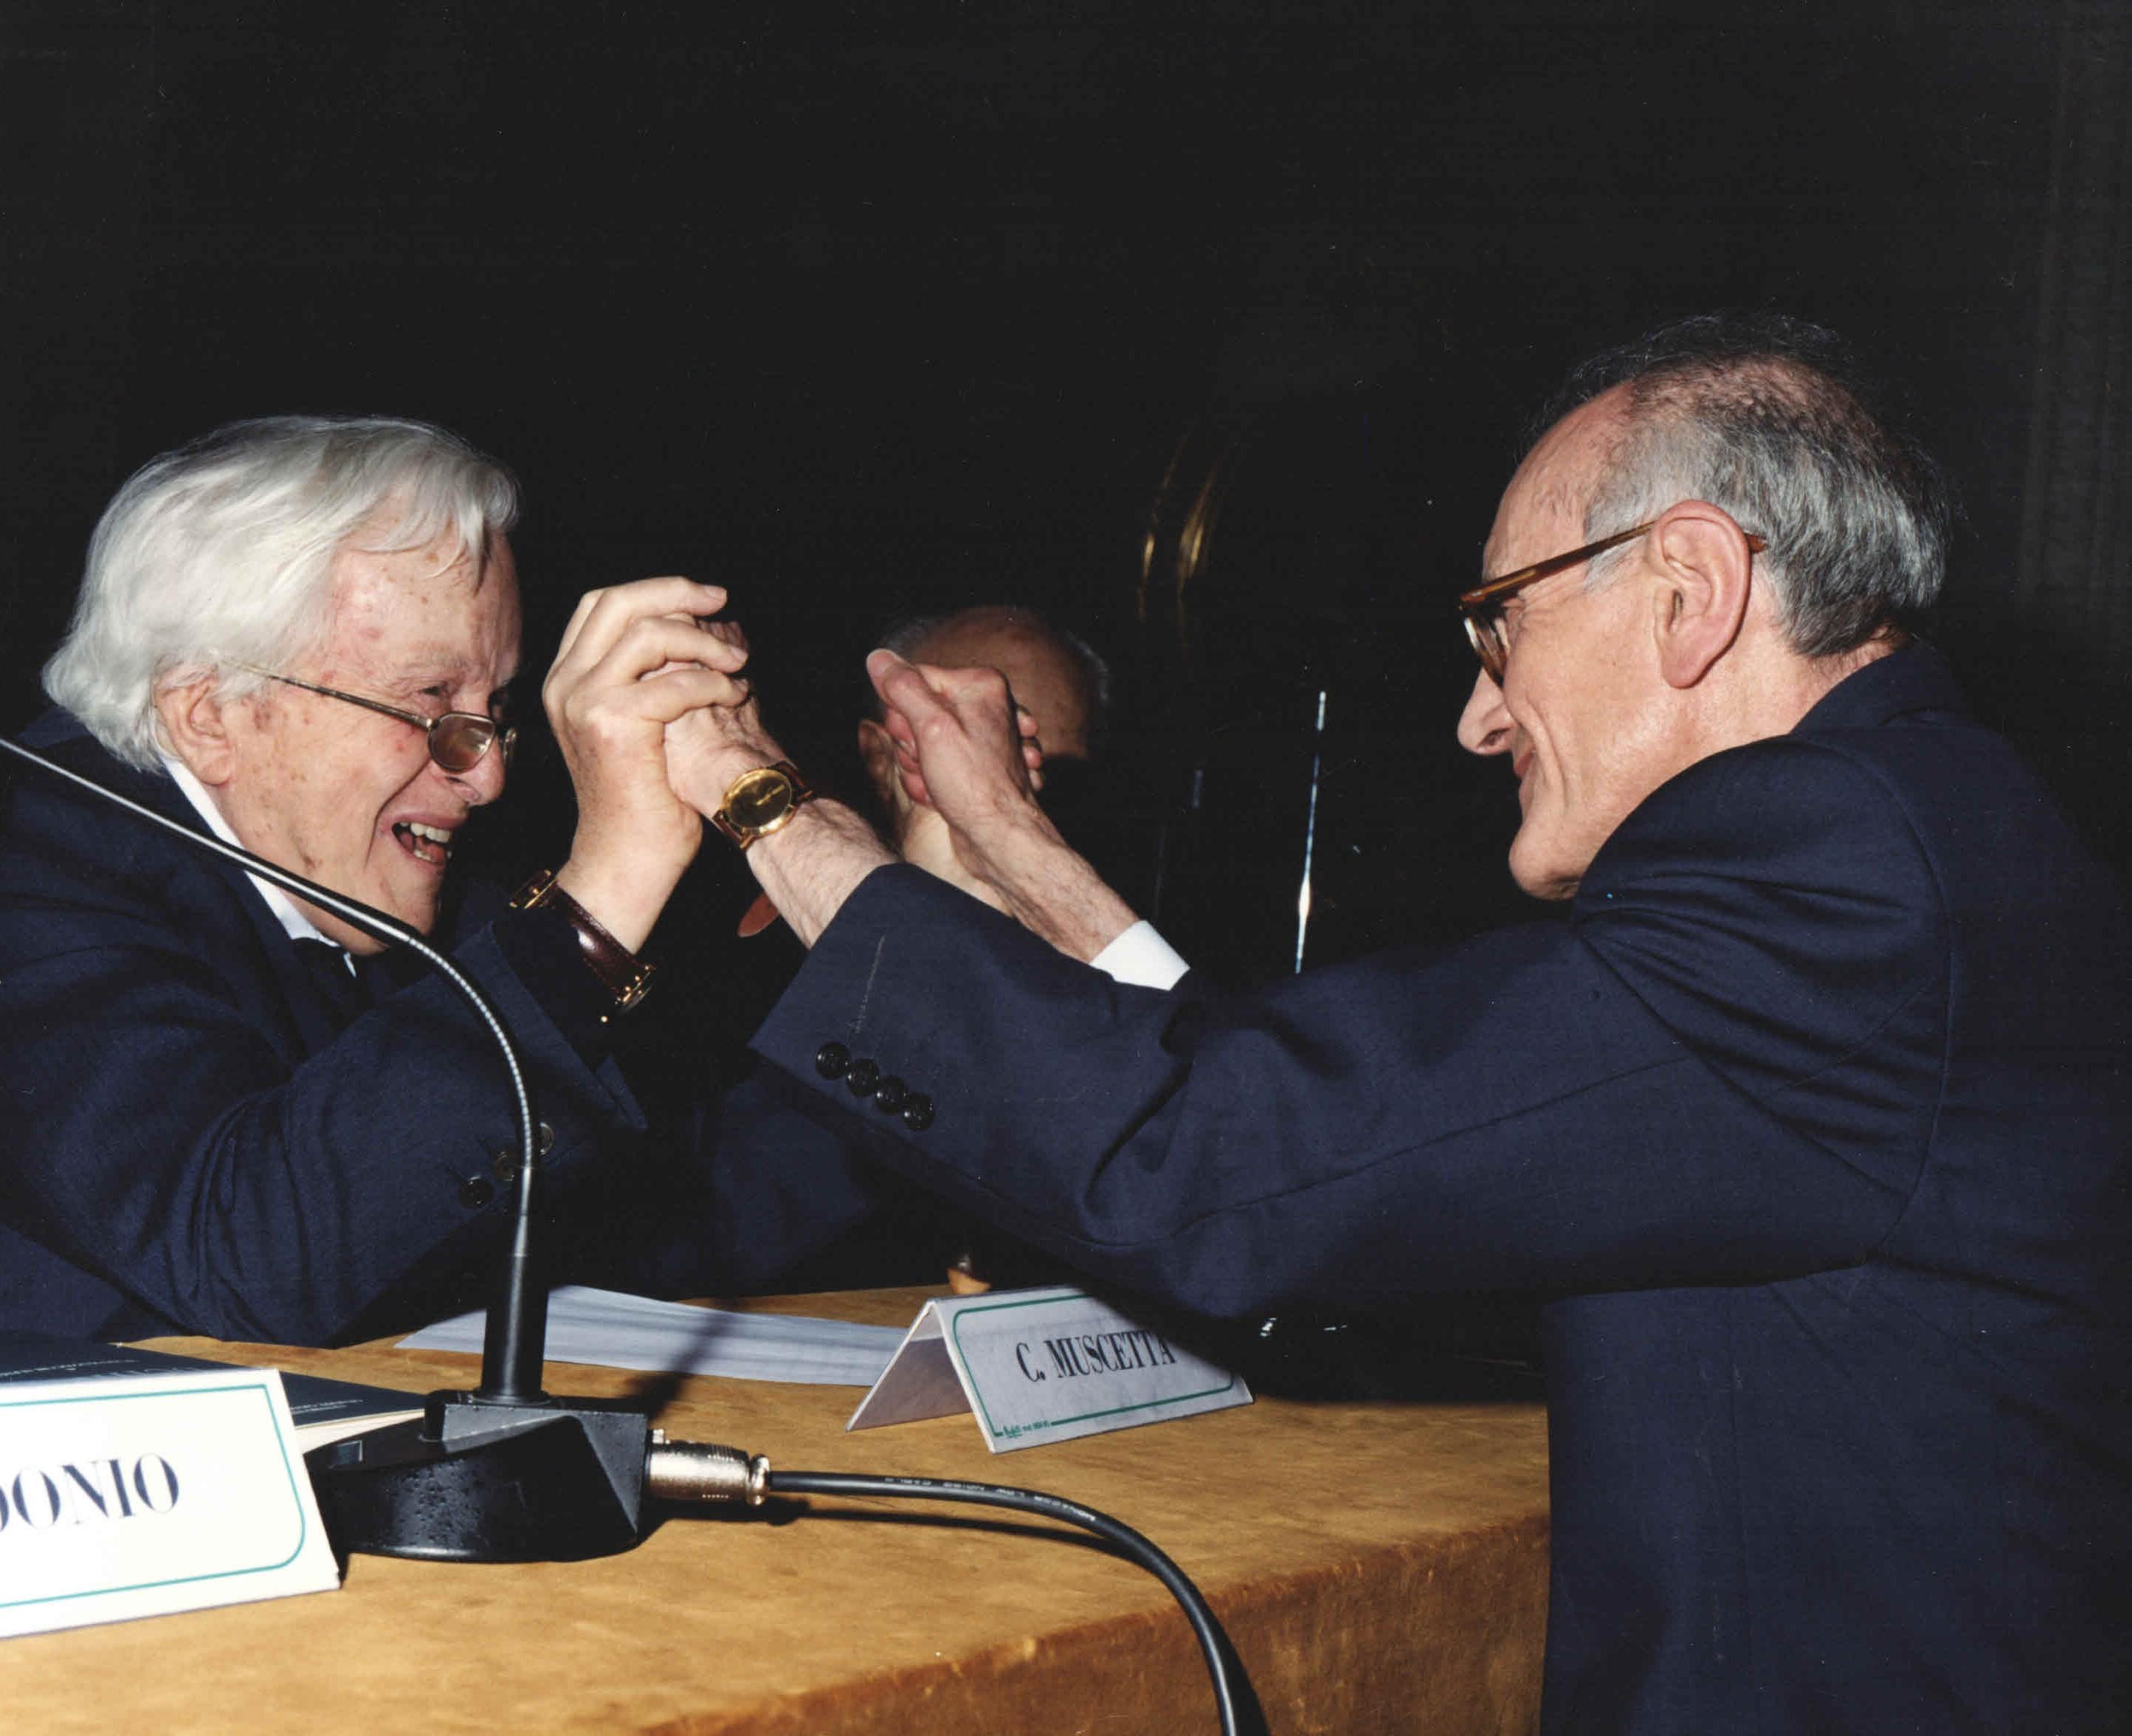 C. Muscetta e M. Mazzocchi Alemanni